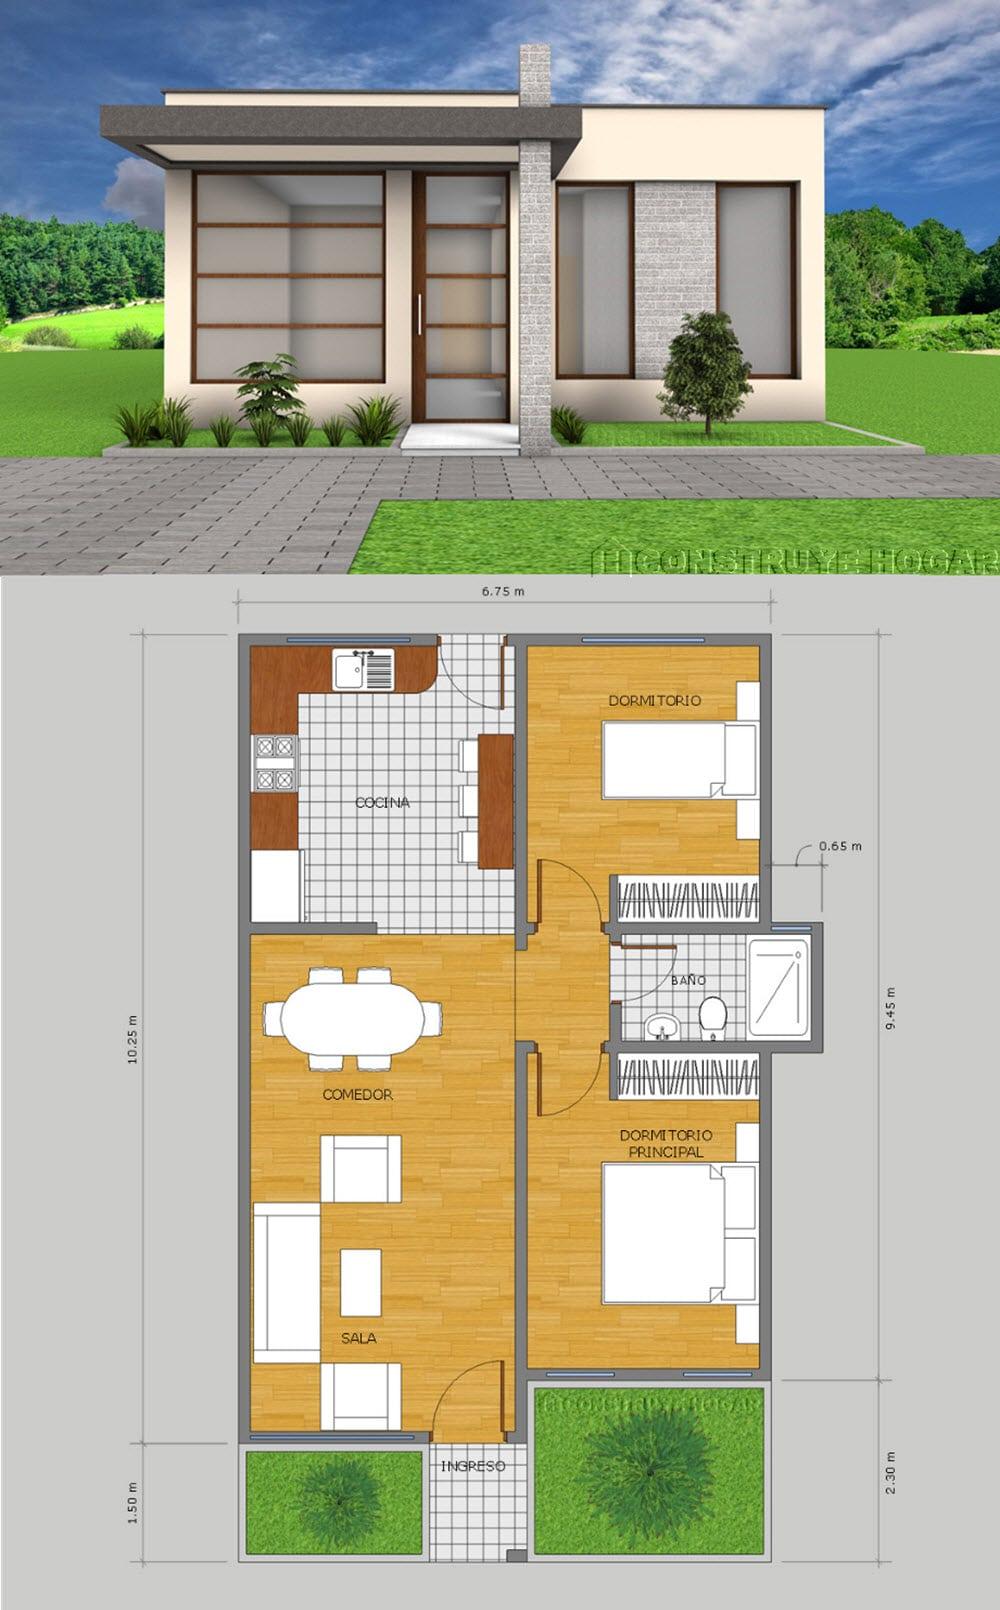 Planos de casas ideas de dise o para construir for Planos de casas pequenas de una planta